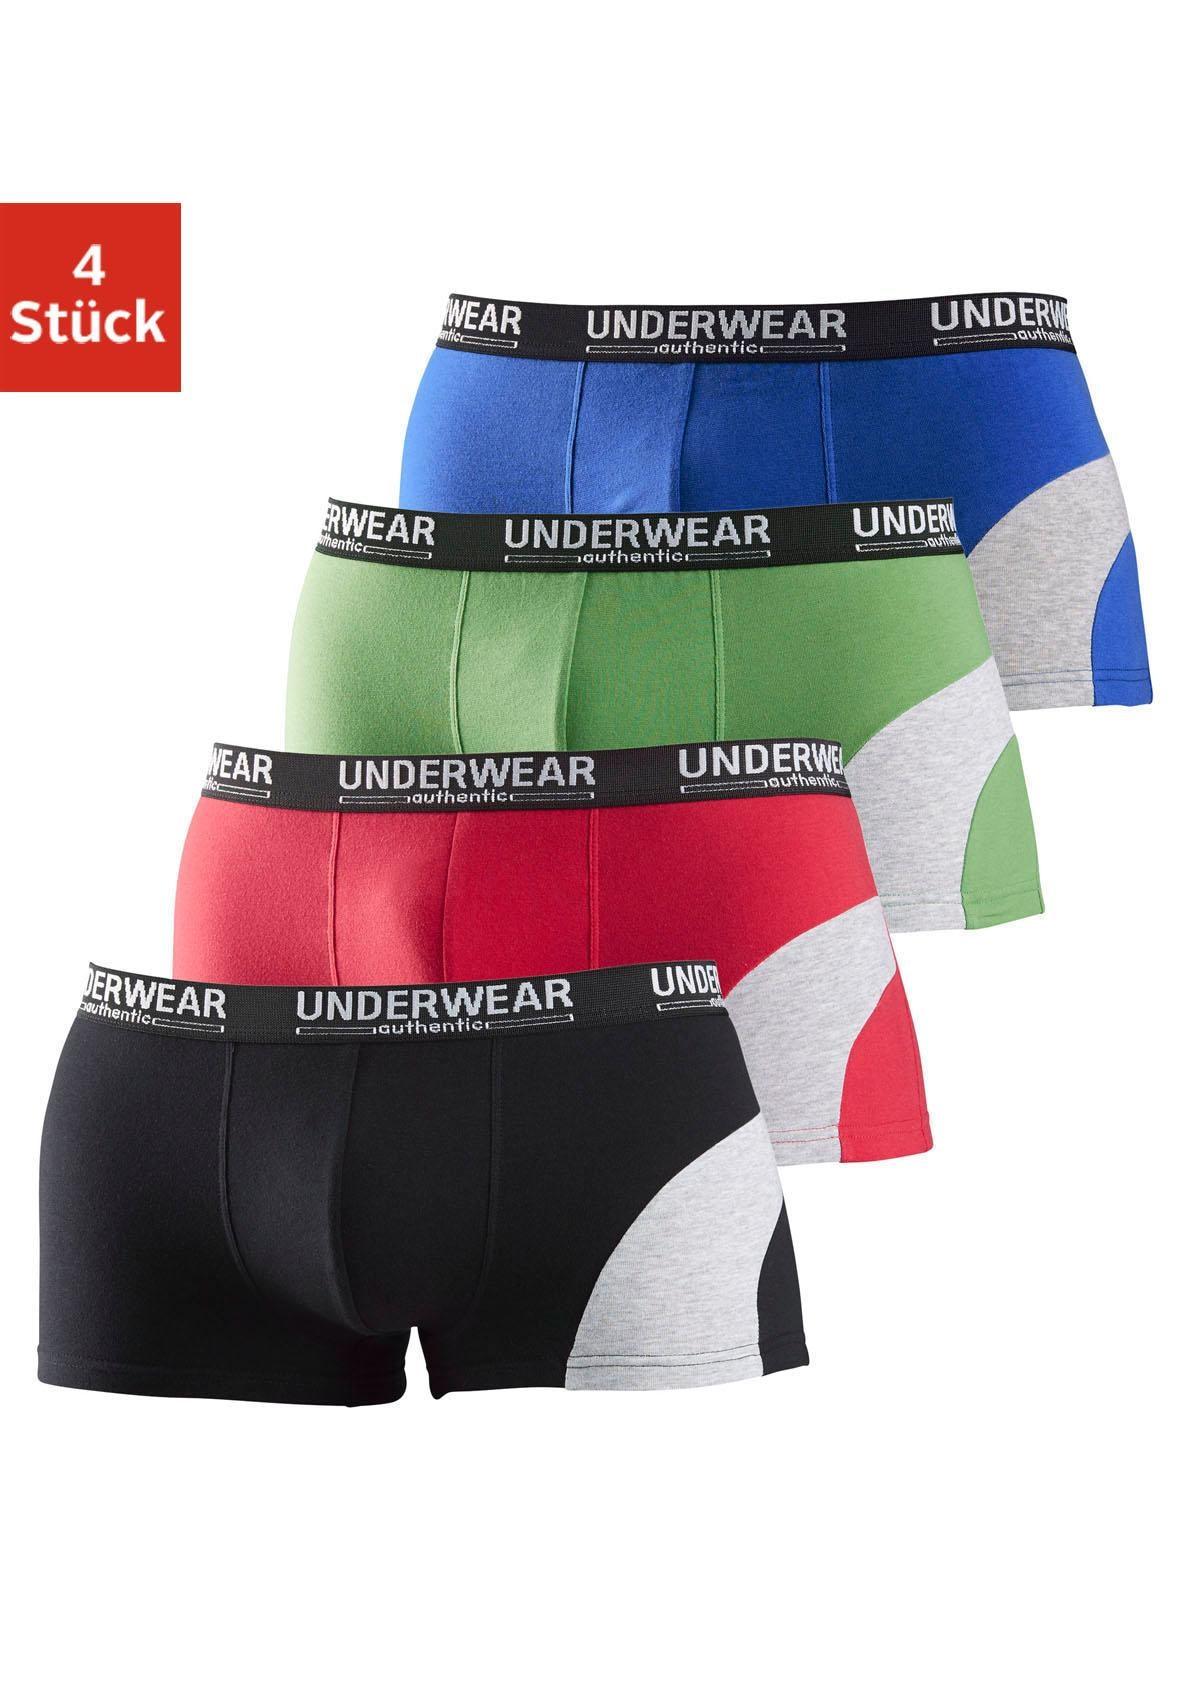 AUTHENTIC UNDERWEAR Hipster (4 Stück) | Bekleidung > Wäsche > Hipster | Blau | Authentic Underwear